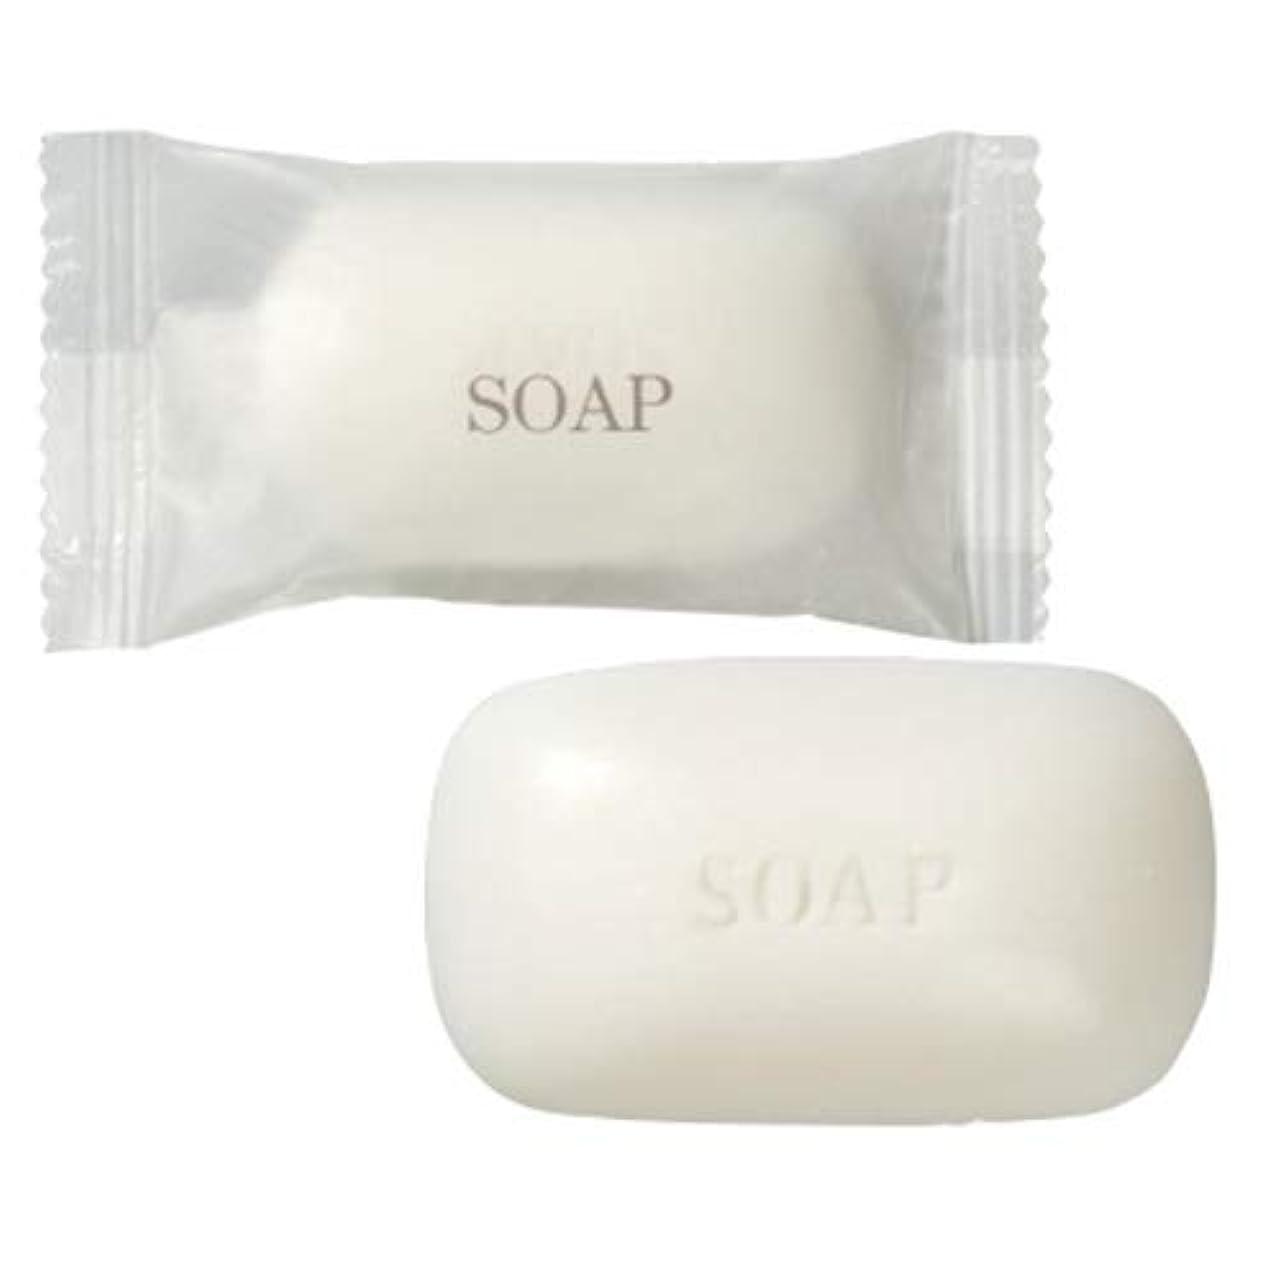 インフレーションからコード業務用 フィードソープ(FEED SOAP) マット袋(M袋) 15g ×500個 | ホテルアメニティ 個包装